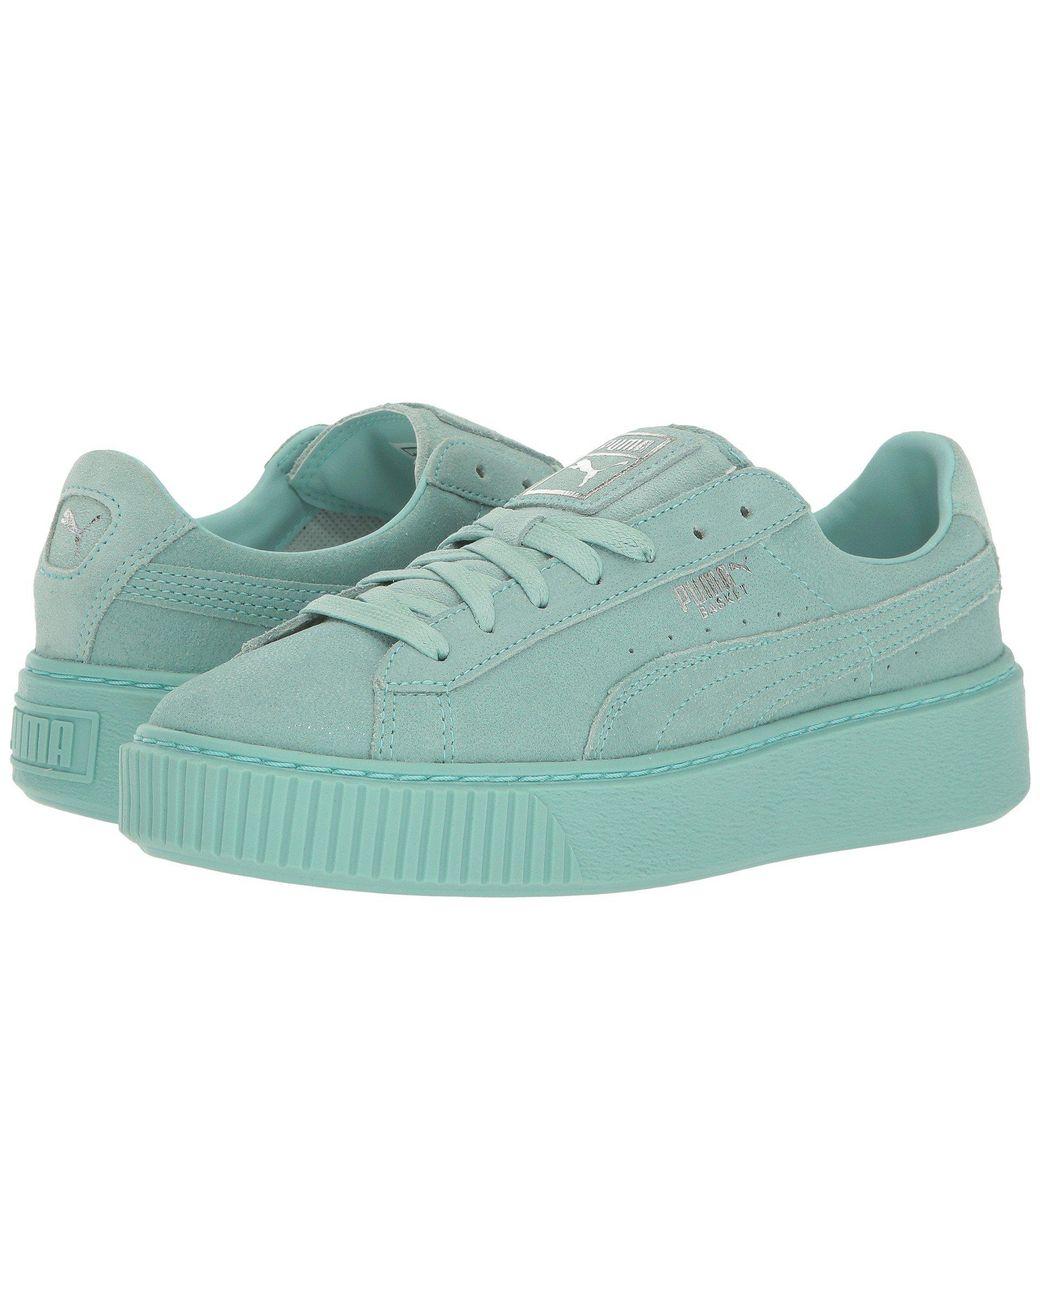 low priced d44e3 6a606 Women's Blue Basket Platform Reset Wn's Fashion Sneaker